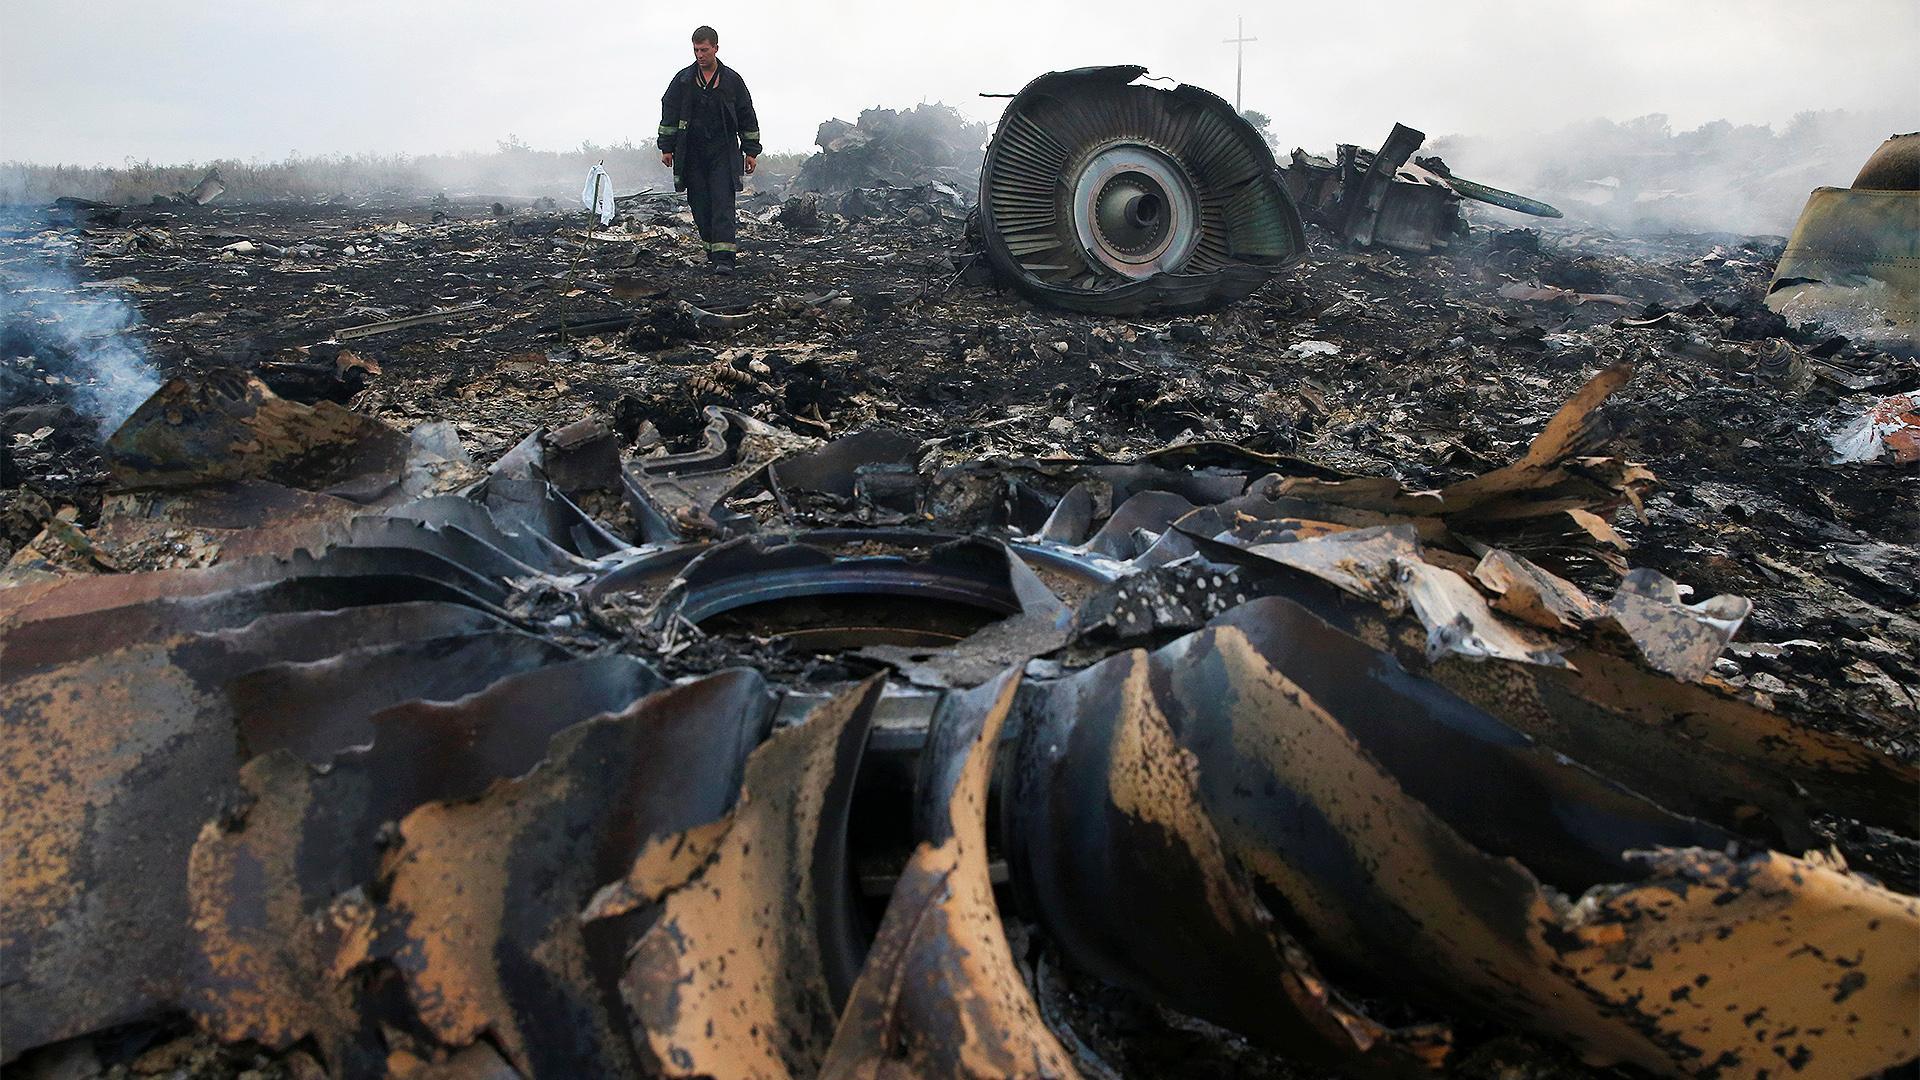 «Прибудут люди с полномочиями от Шойгу». JIT опубликовала новые прослушки по делу о «Боинге» MH17, в них фигурируют Шойгу, Сурков и Бортников